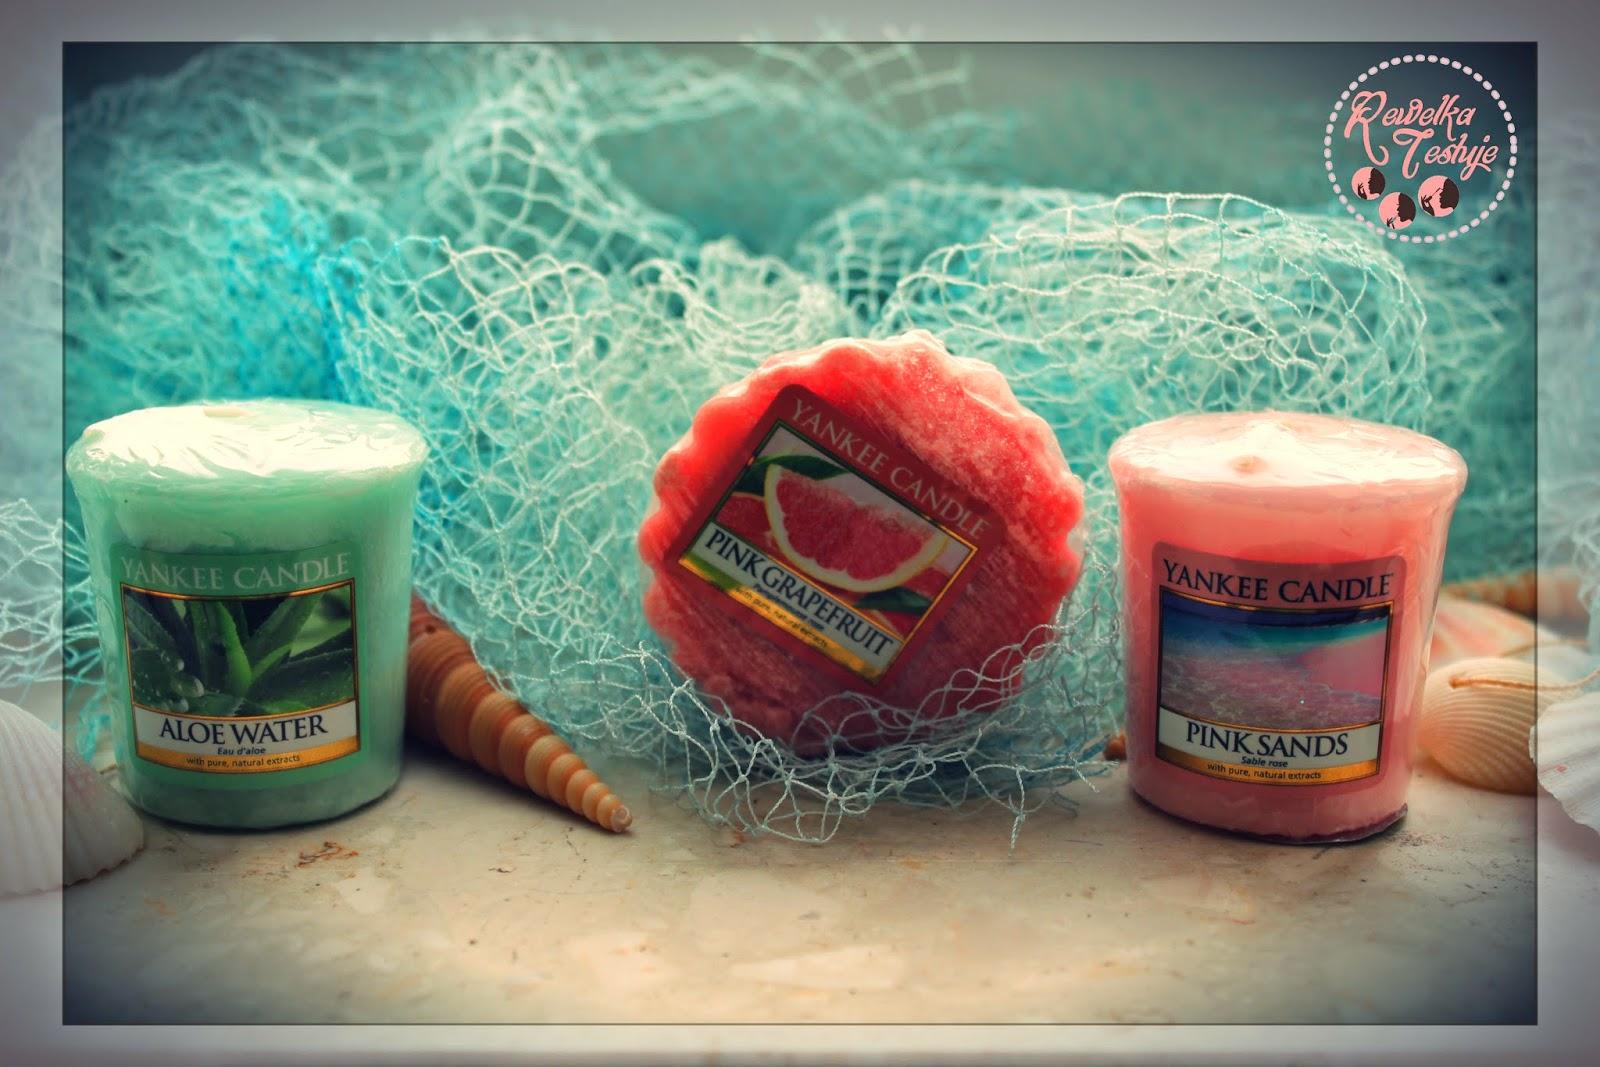 Yankee candle - nowości w mojej kolekcji :)